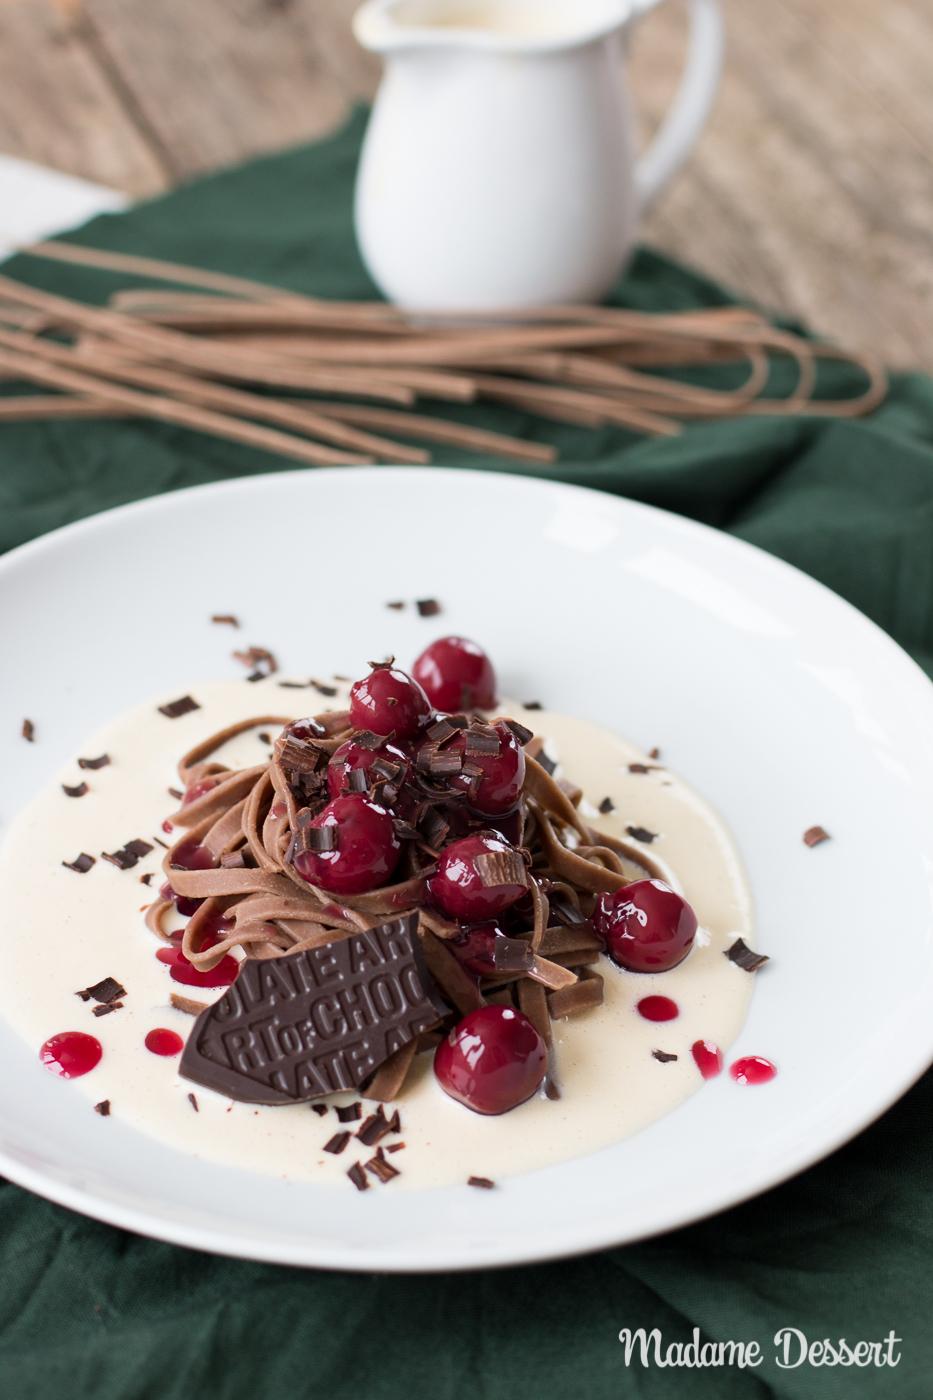 Schokonudeln mit Vanillesauce und heißen Kirschen | Madame Dessert